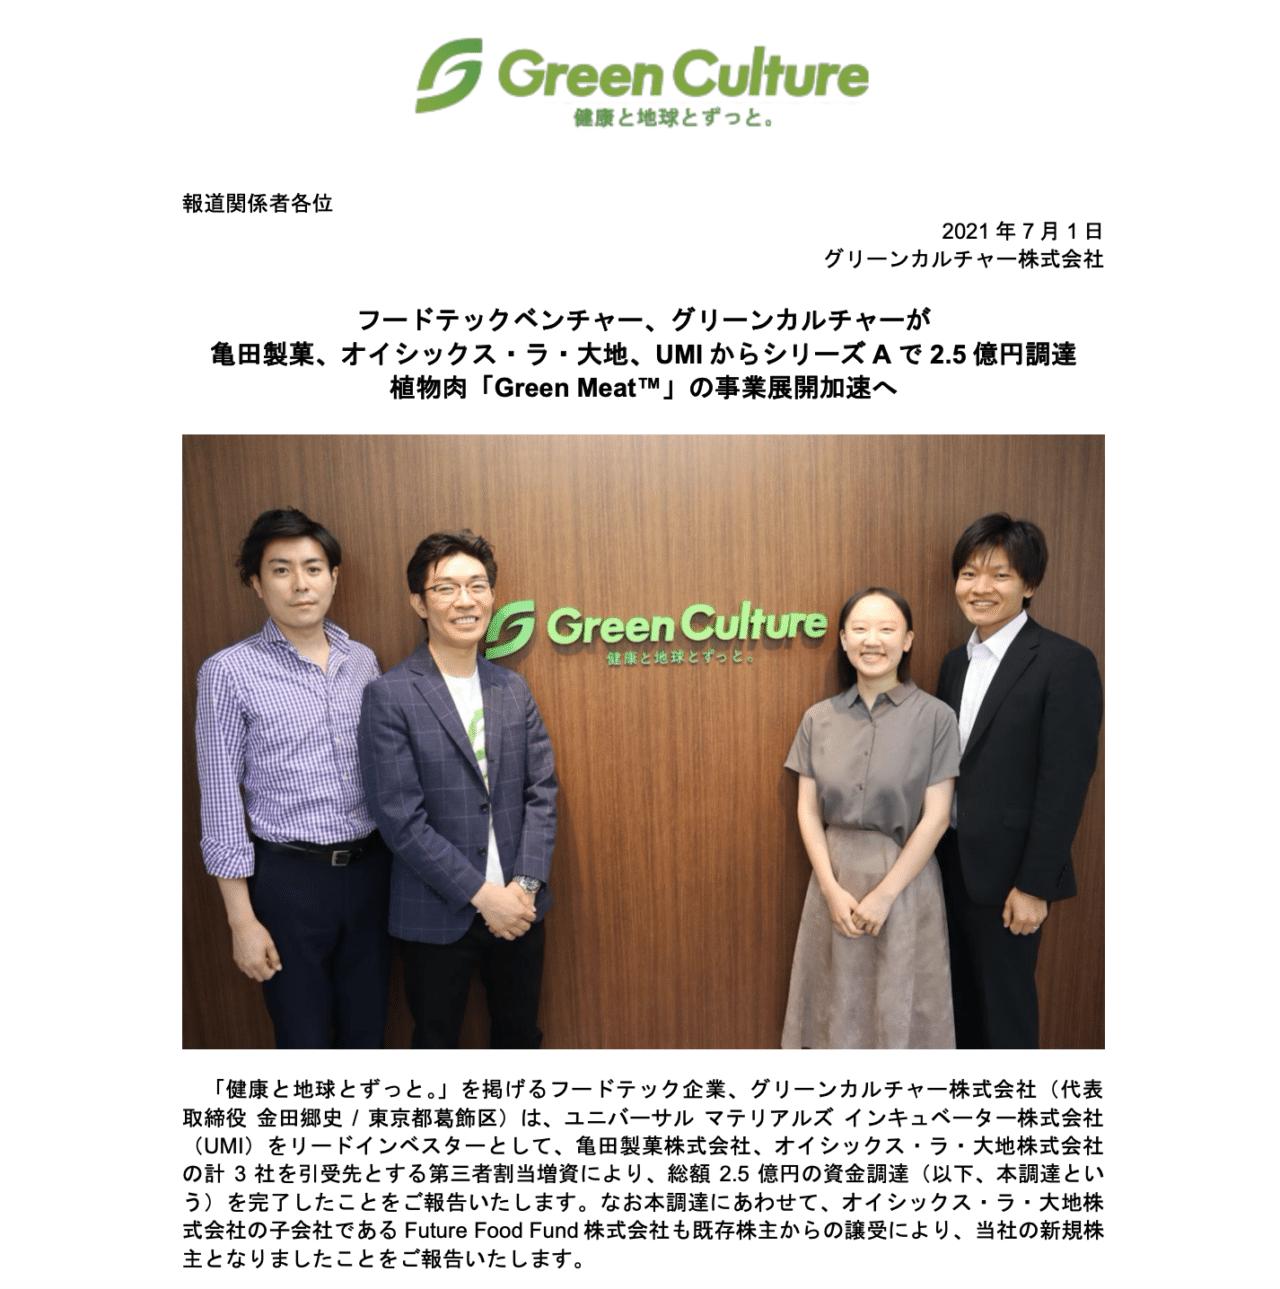 グリーンカルチャー、7月1日に発表された資本業務提携